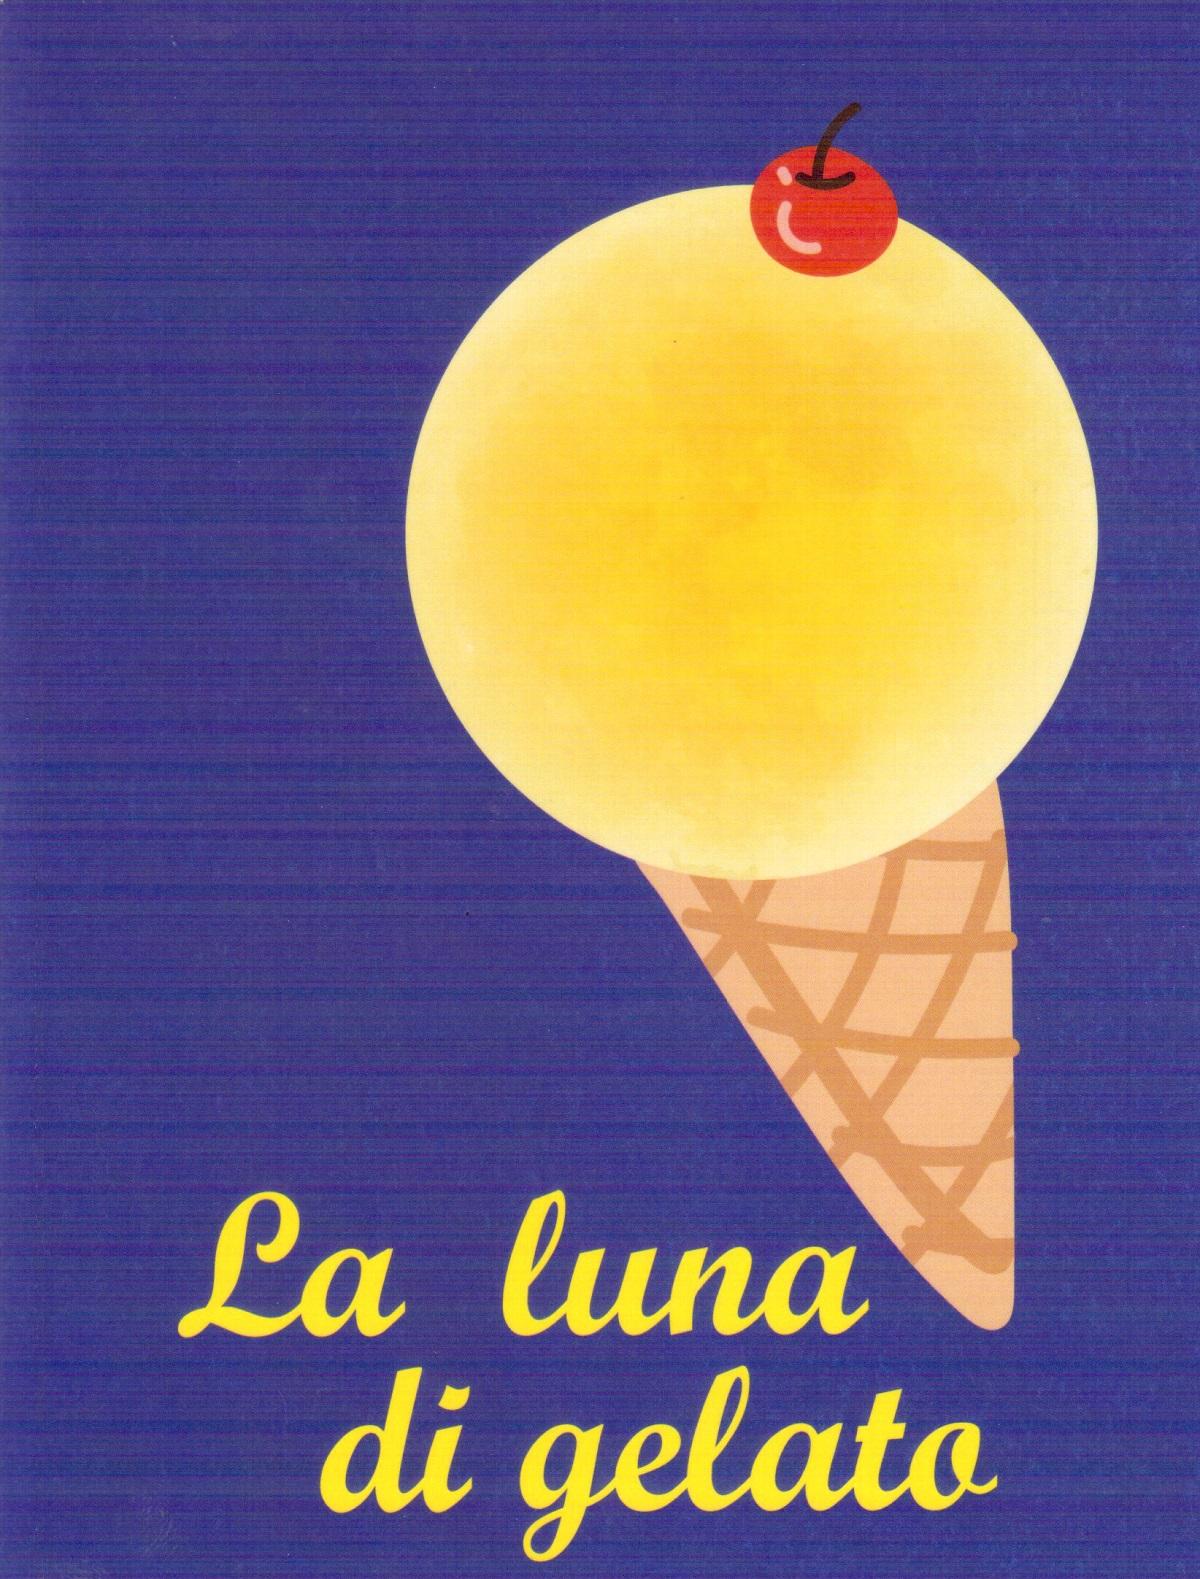 La copertina del libro realizzato dalla scuola di Palazzolo